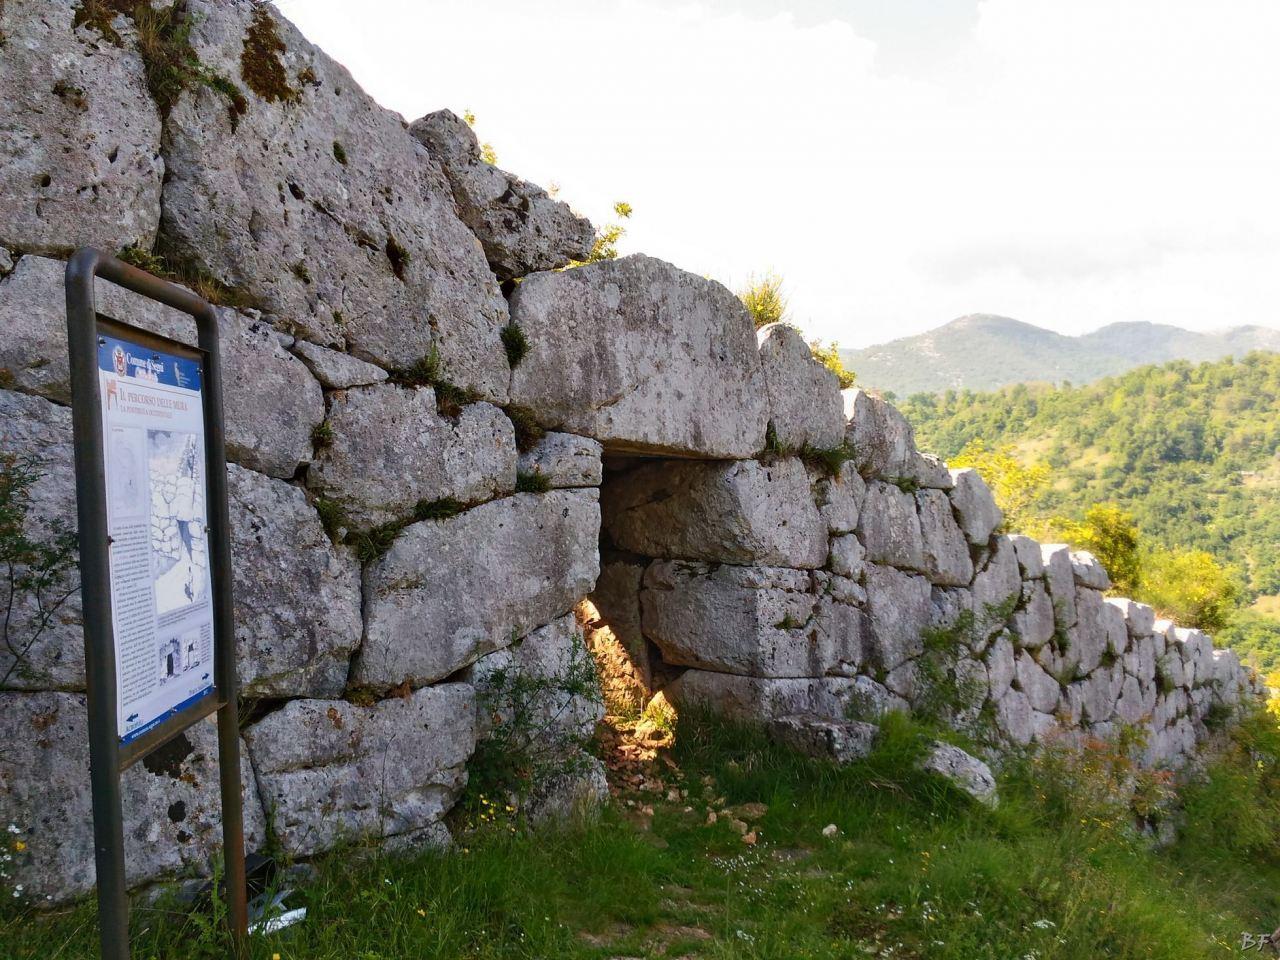 Signia-Mura-Poligonali-Megalitiche-Segni-Roma-Lazio-Italia-7